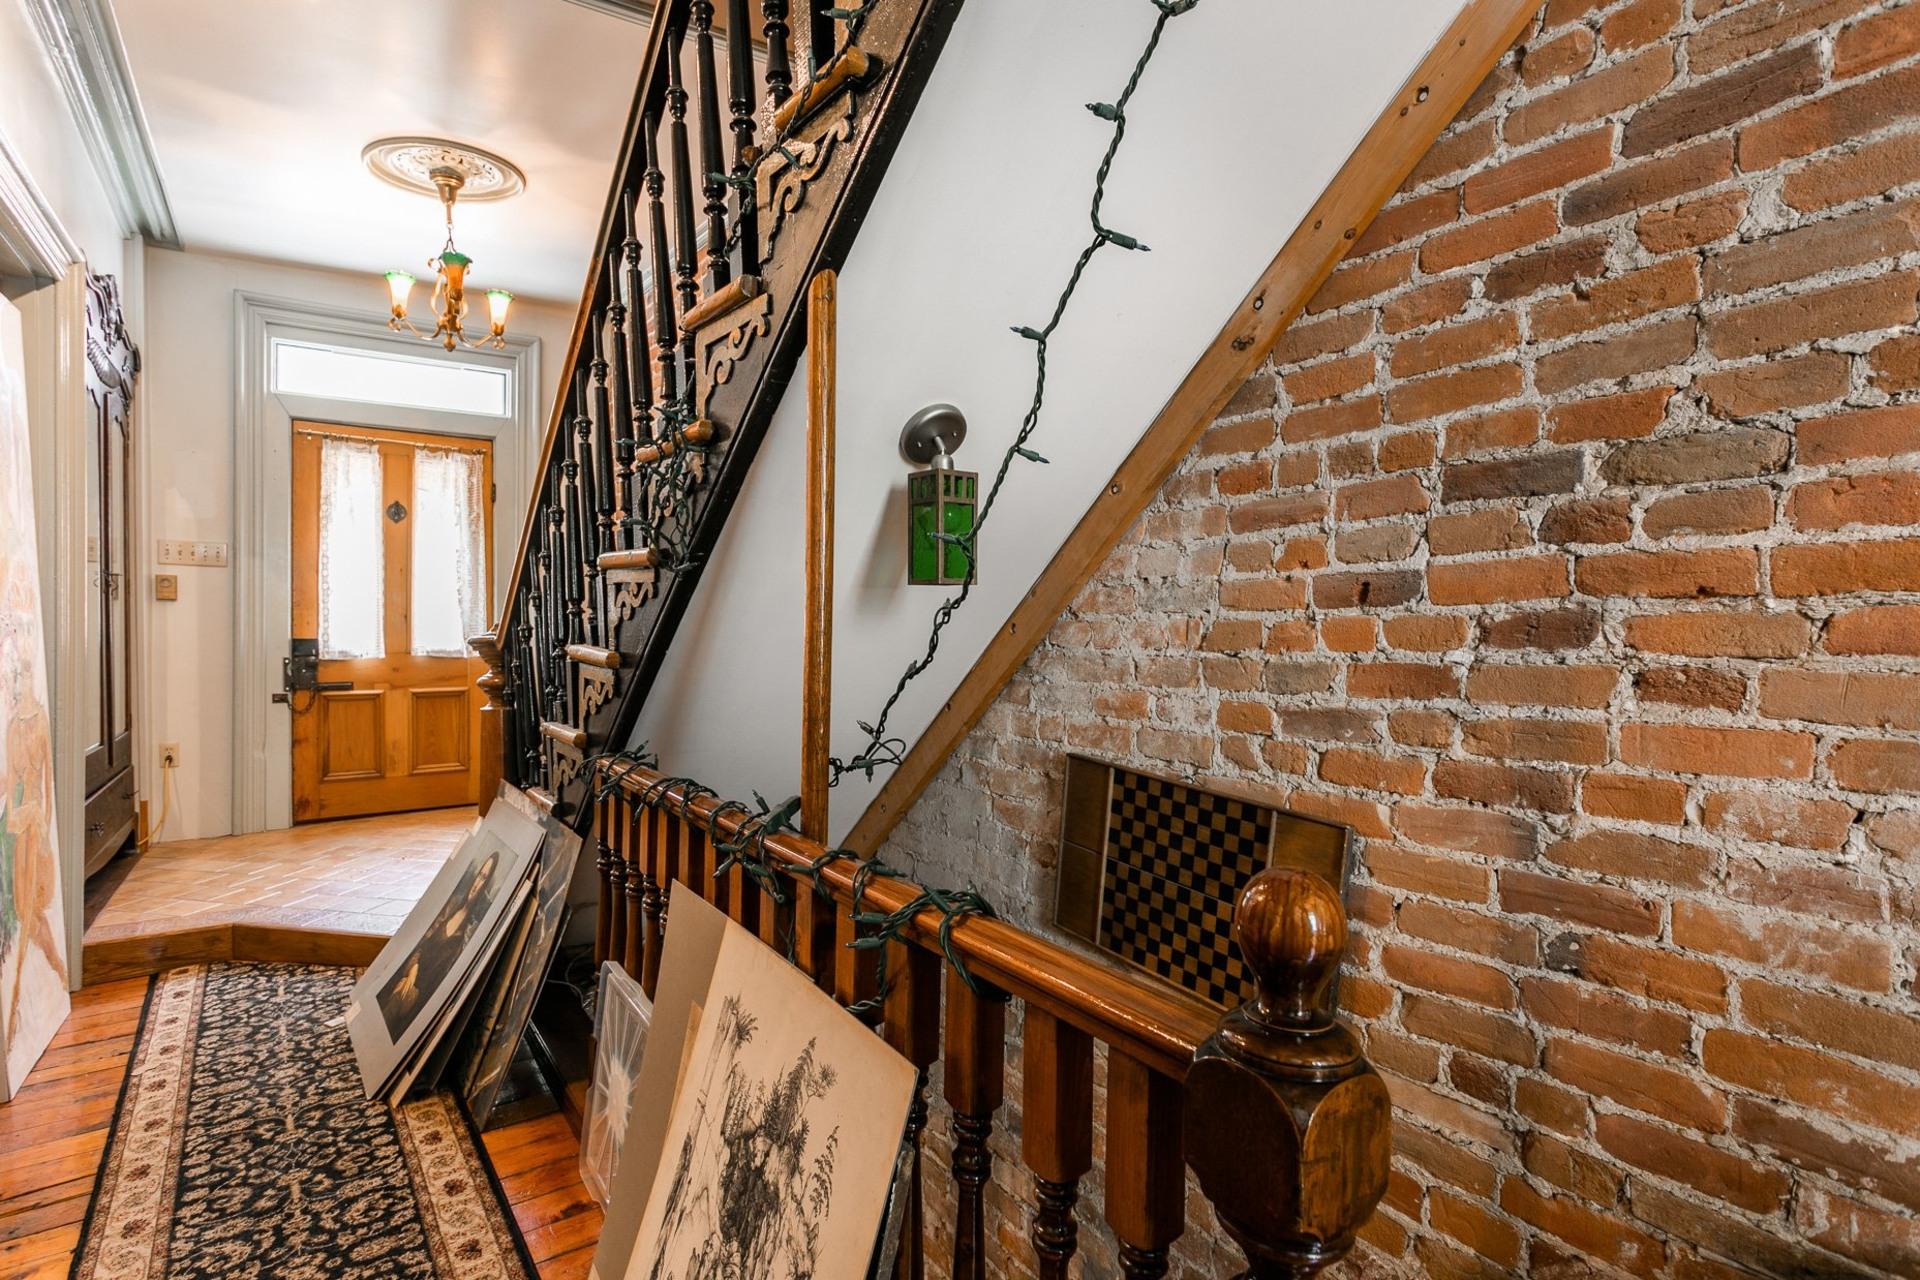 image 10 - Maison À vendre Le Plateau-Mont-Royal Montréal  - 7 pièces